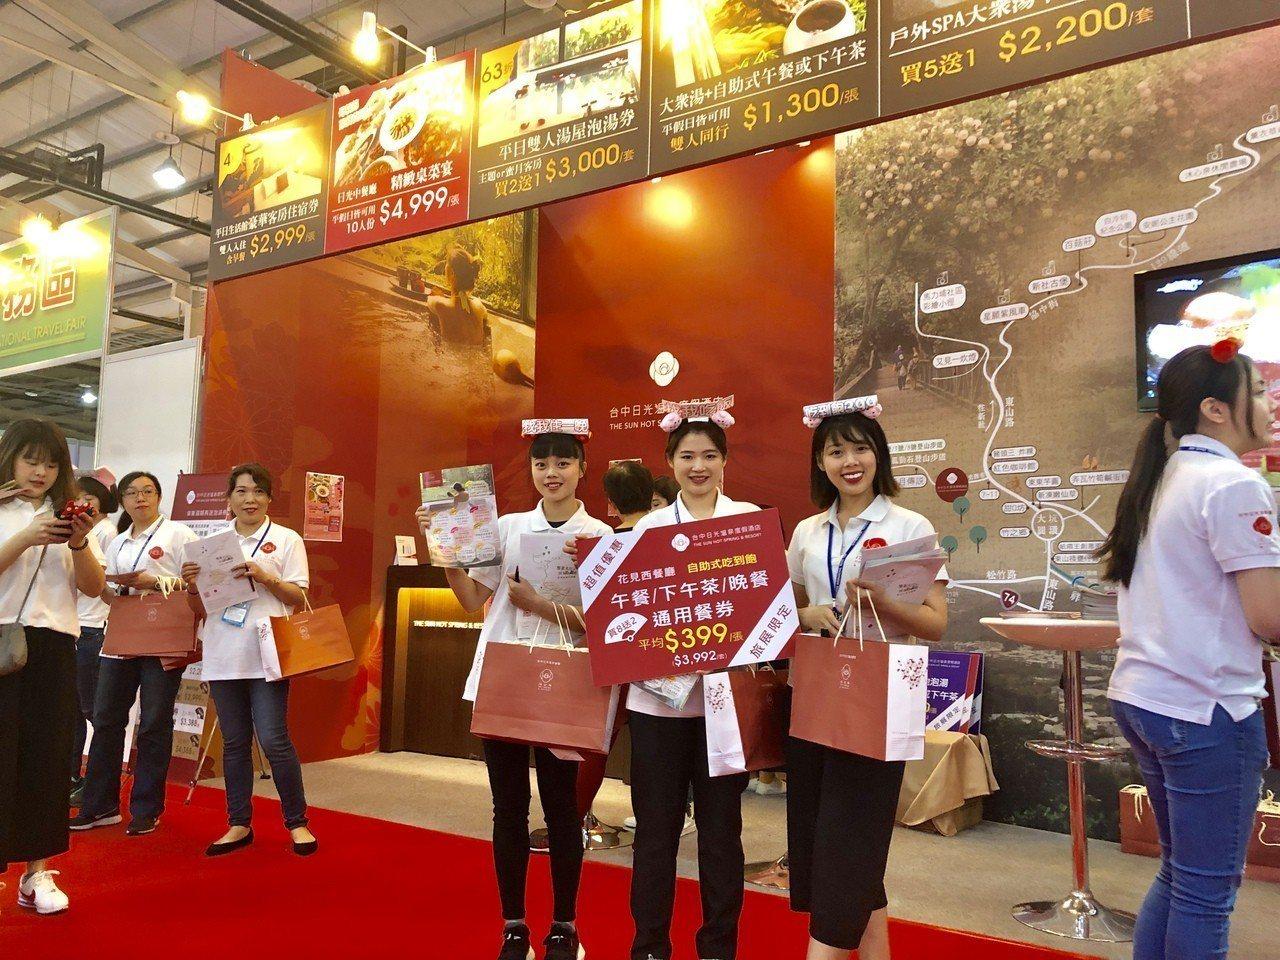 台中國際旅展每年規劃的五星級餐券秒殺區,也是展覽的一大亮點,成為老饕們呼朋引伴集...